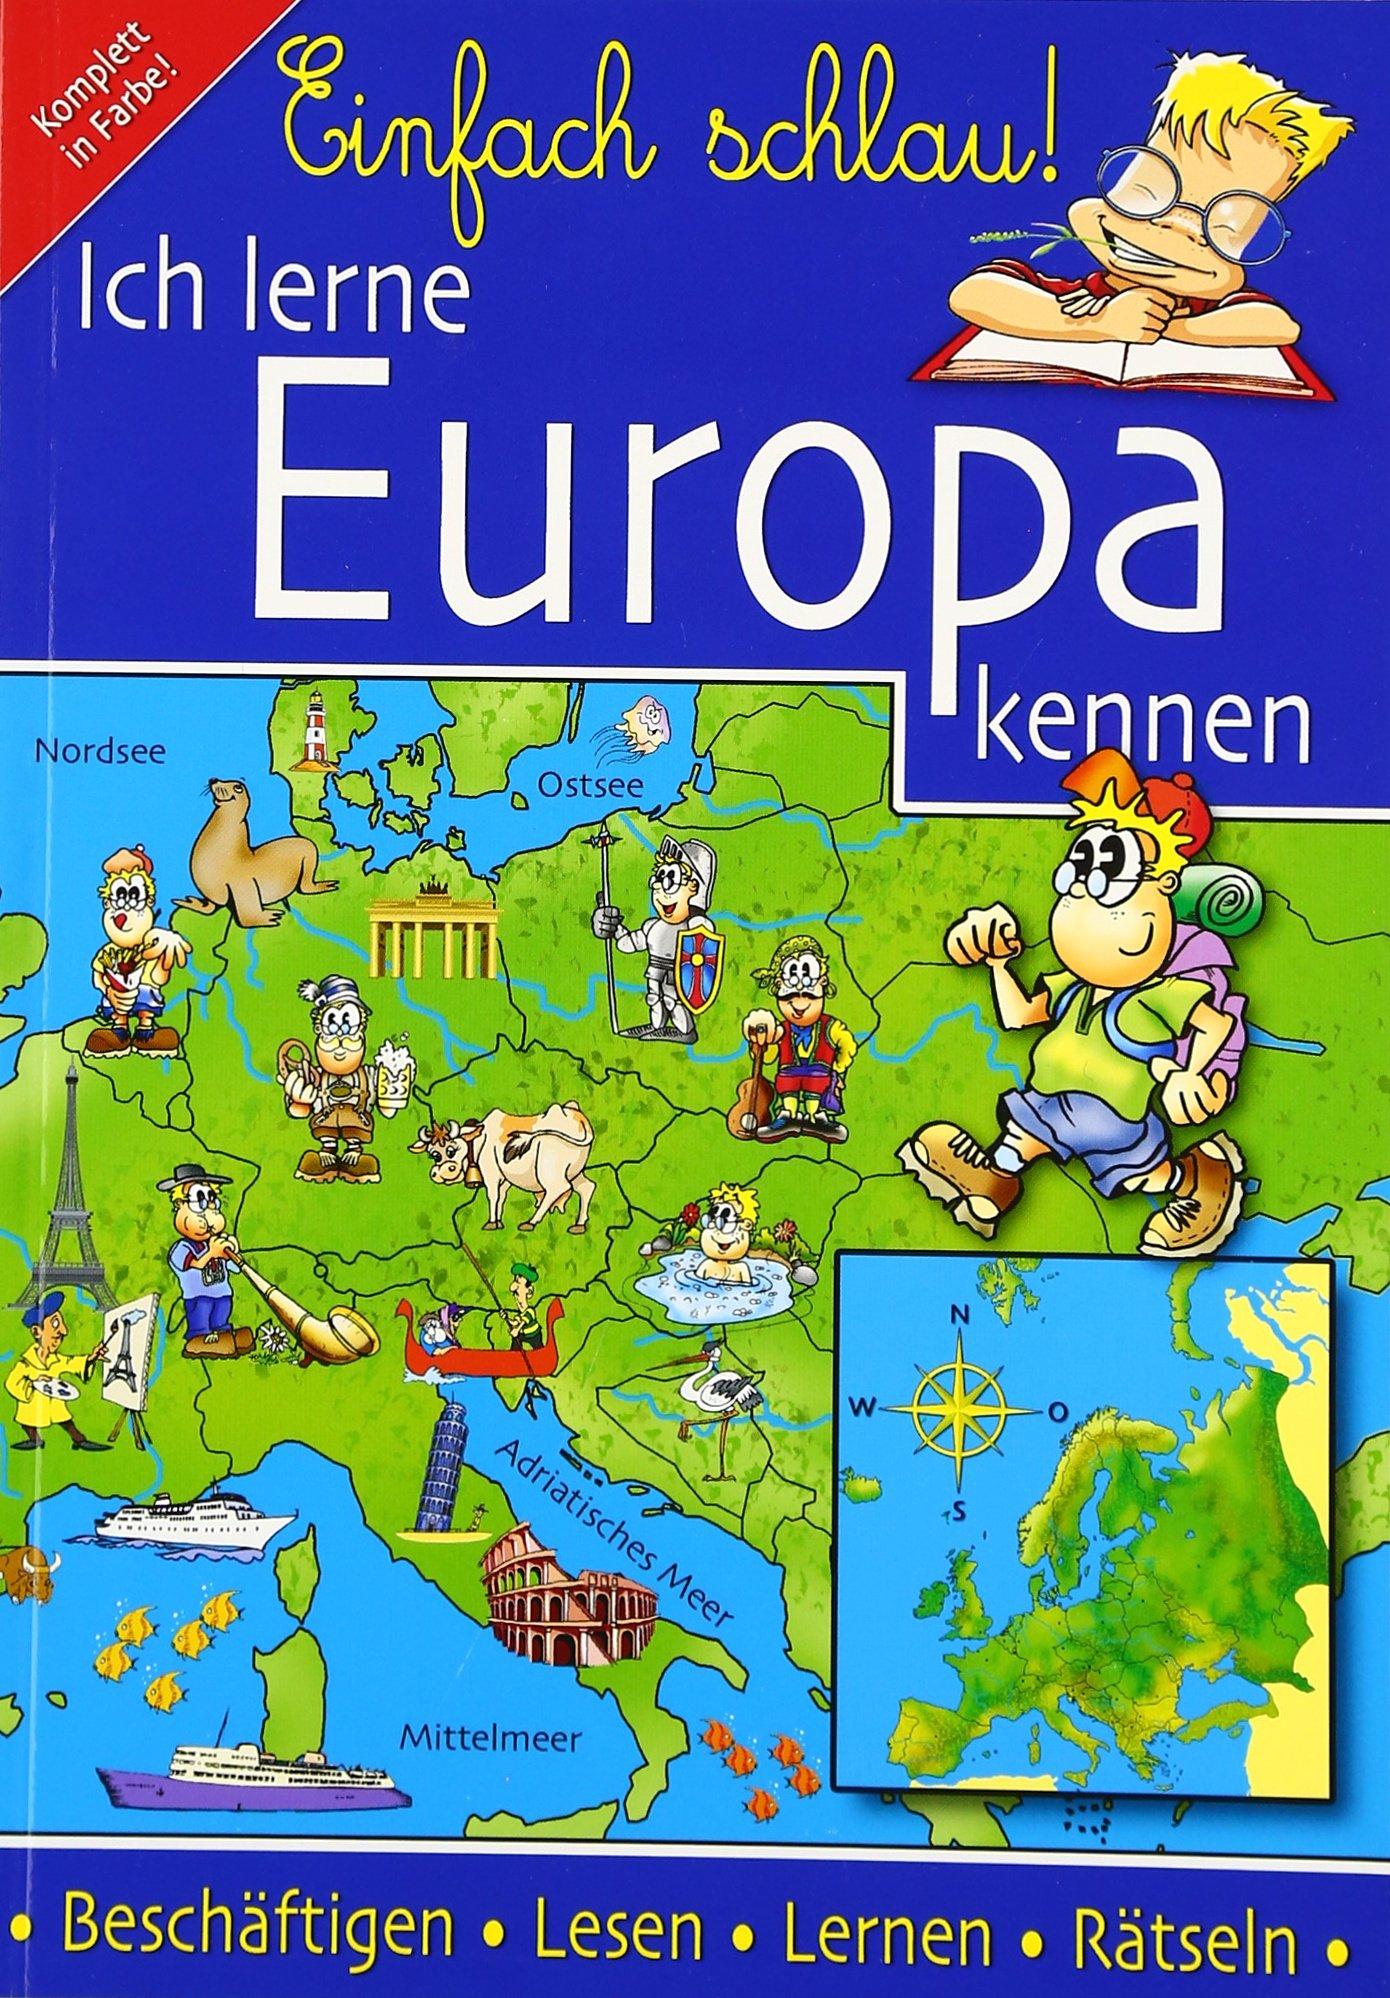 Ich lerne Europa kennen Taschenbuch – 1. September 2005 Inger Hatzky Media 3930722747 Allg.